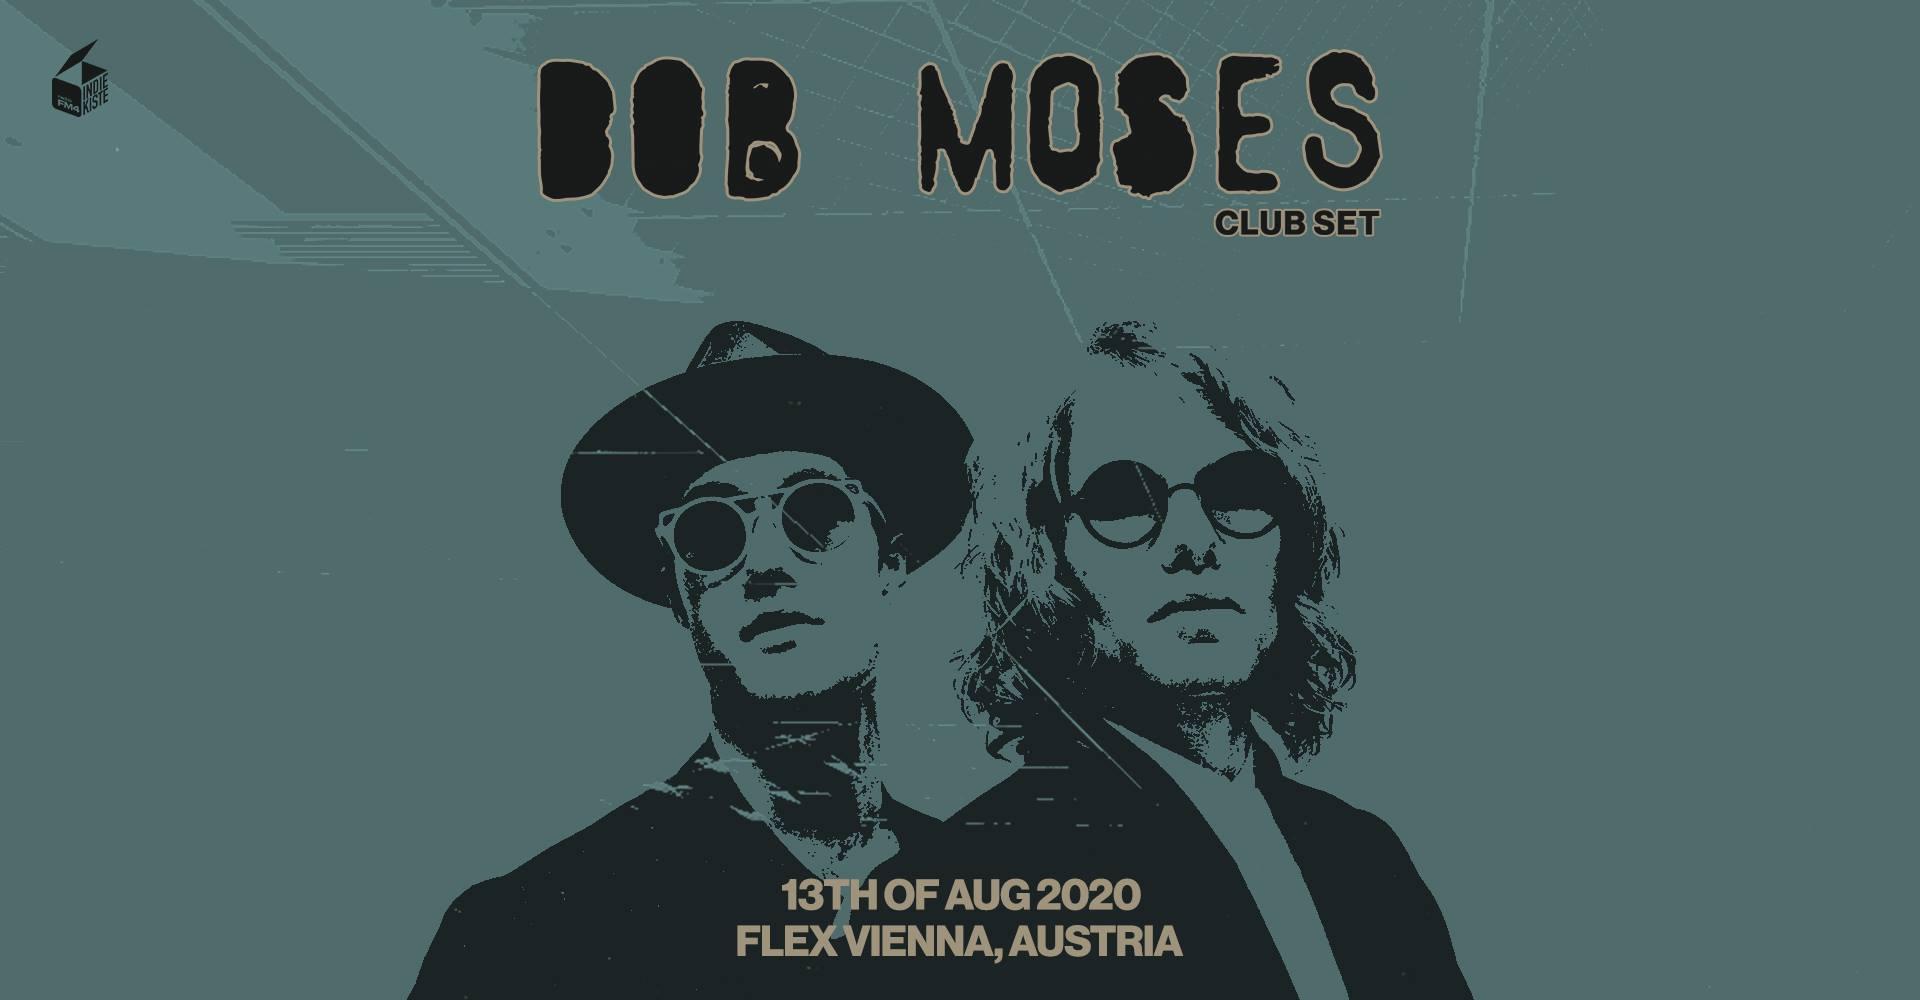 Bob Moses am 13. August 2020 @ Flex - Halle.